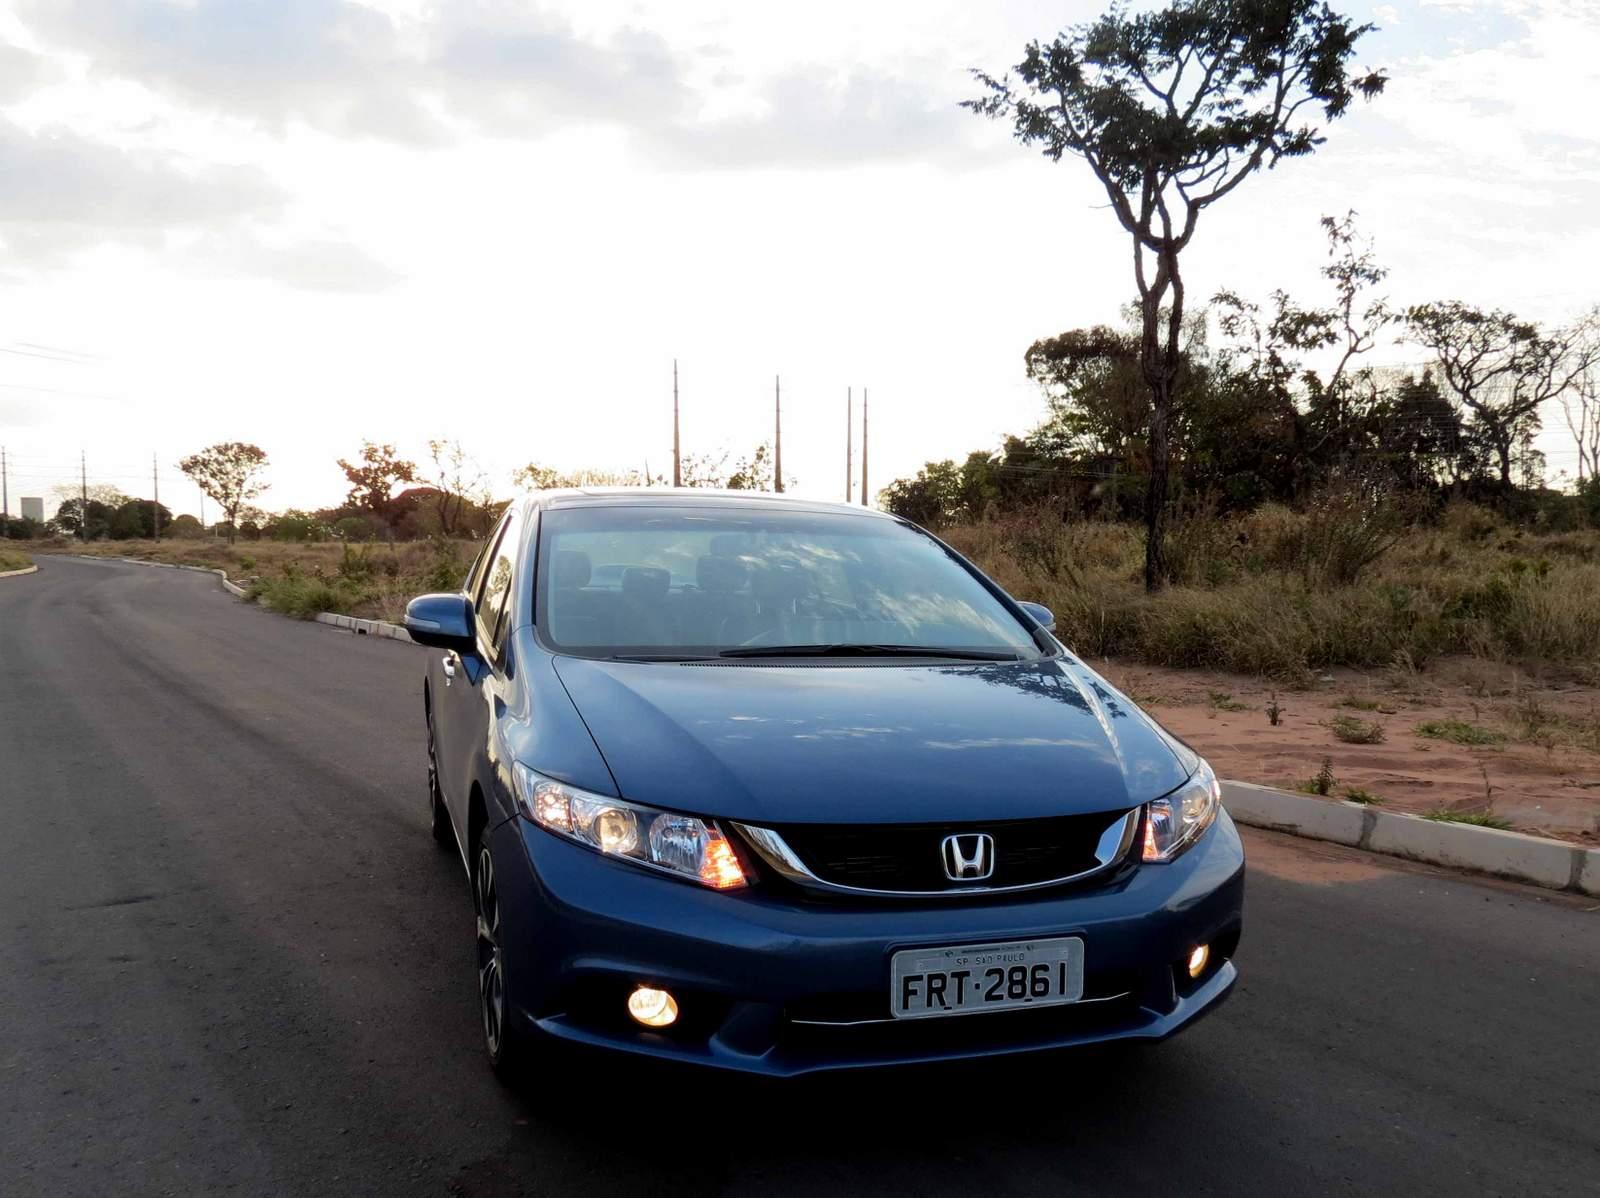 Honda Civic - carro usado mais desejado pelo consumidor